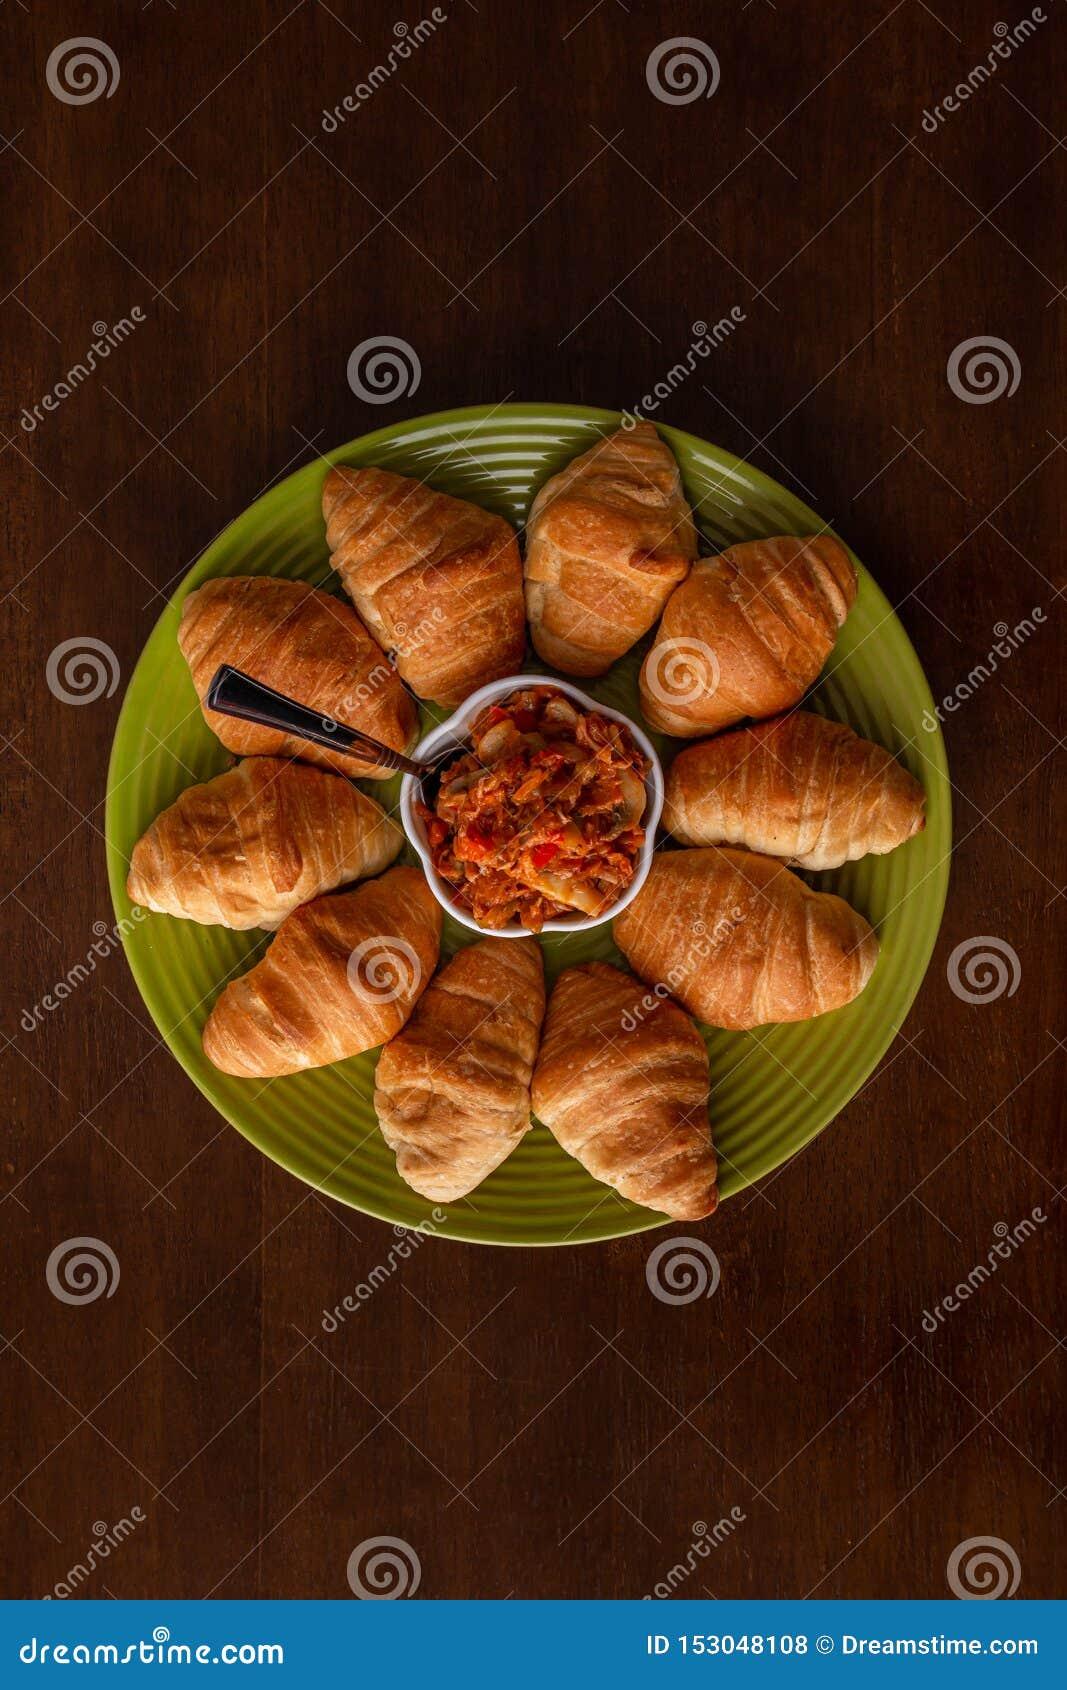 Melanzana marinata con pane su una tavola di legno